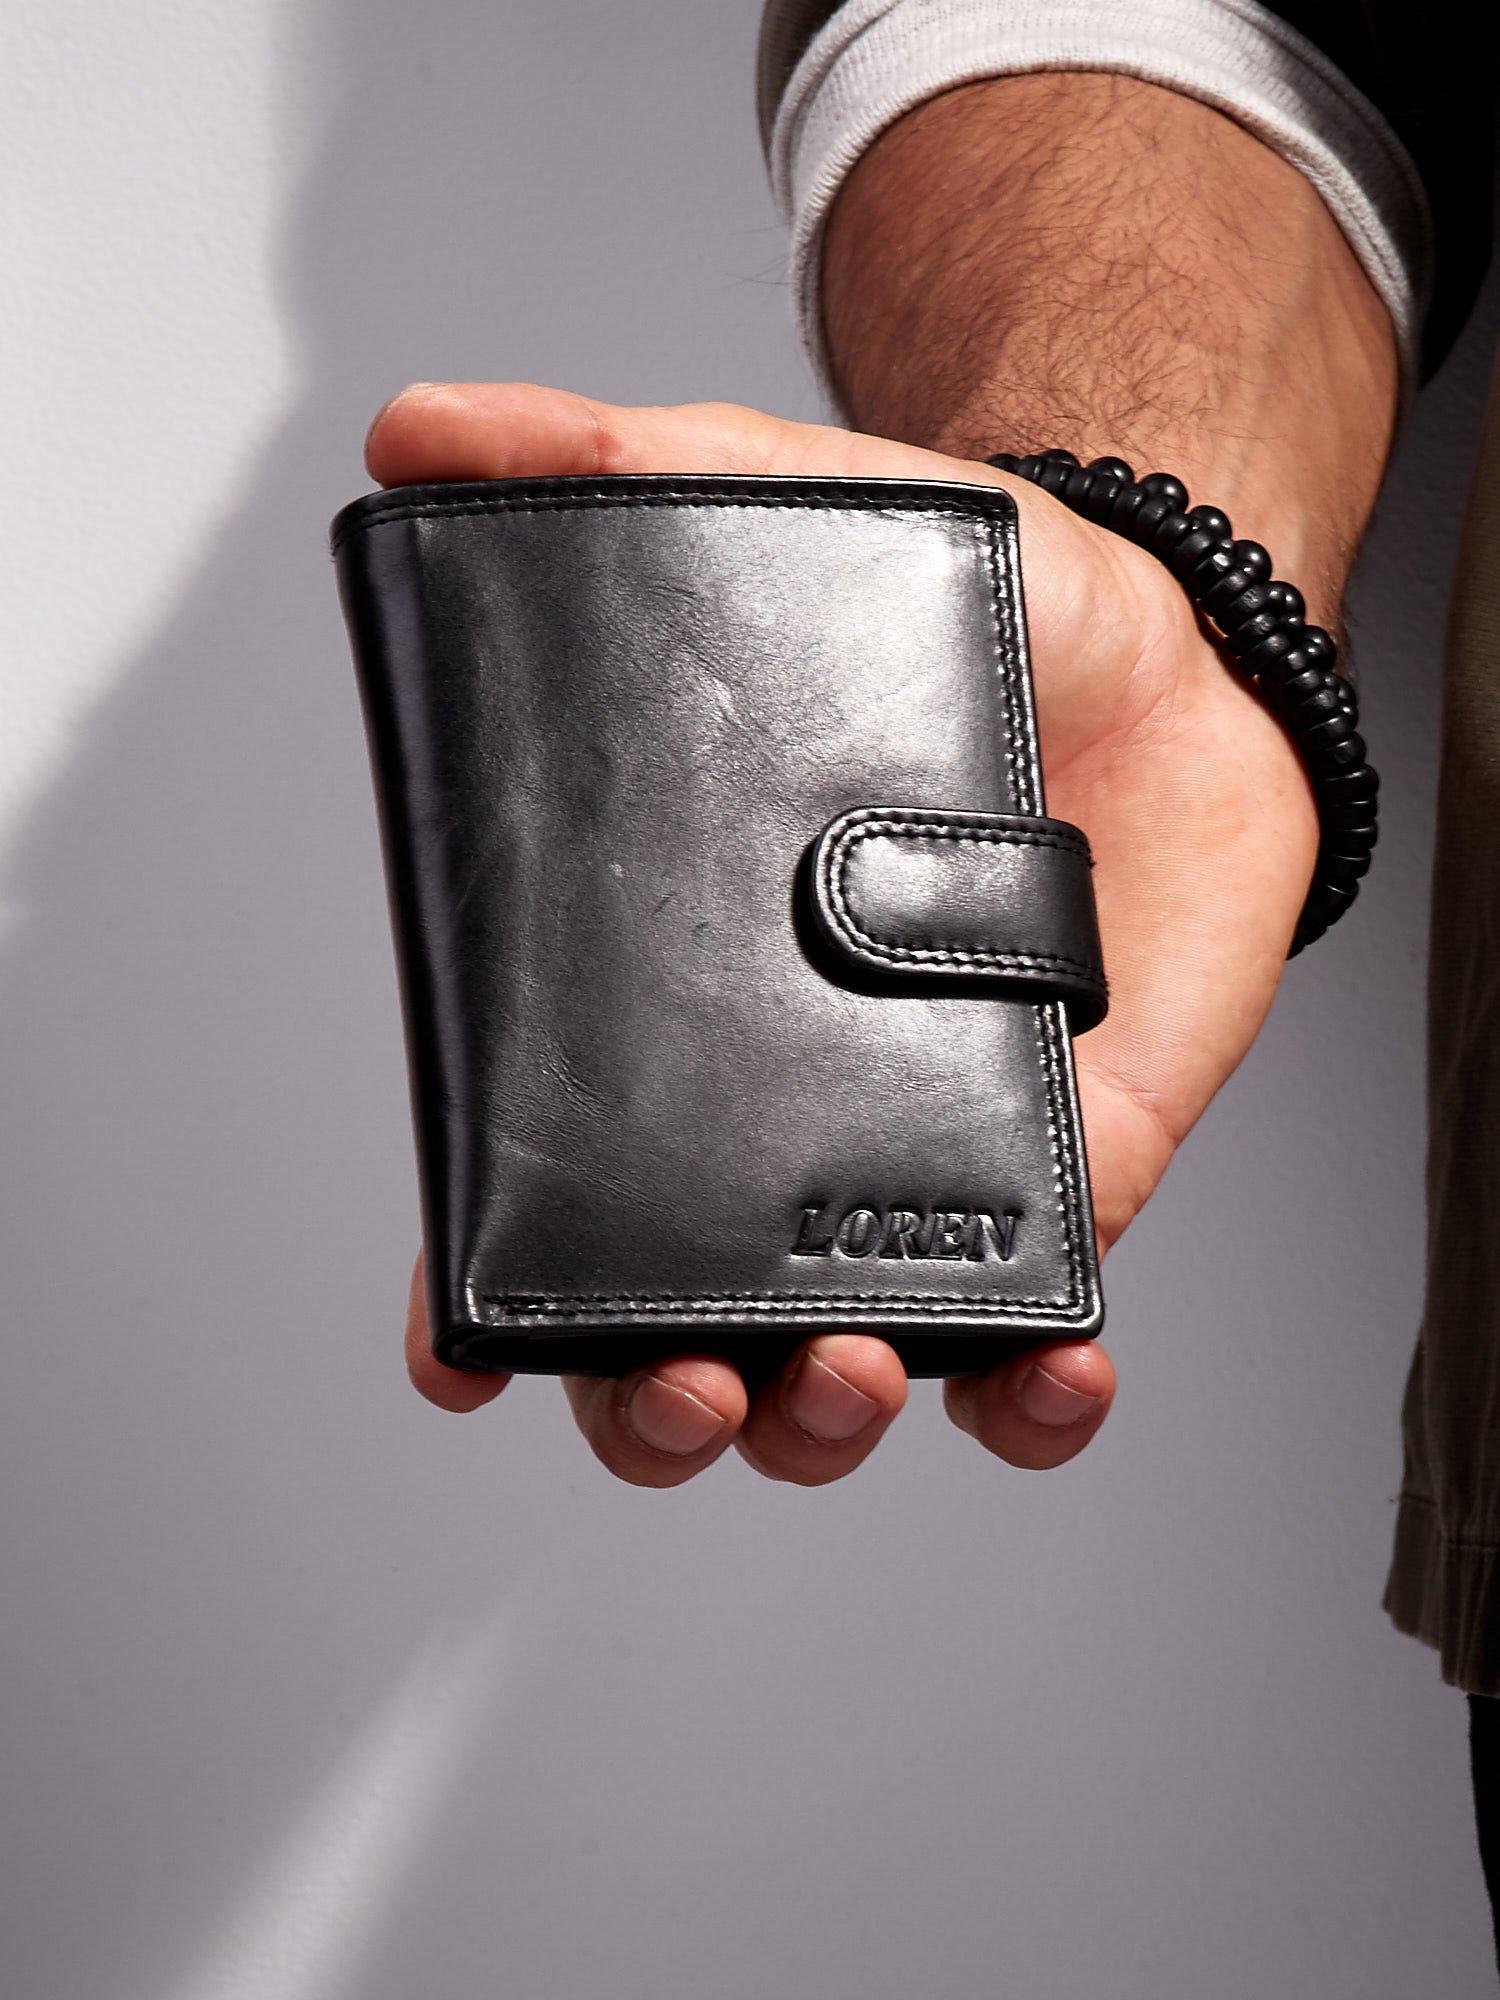 5a8bc7bd5a51c Czarny portfel męski ze skóry z zapięciem - Mężczyźni portfel męski ...